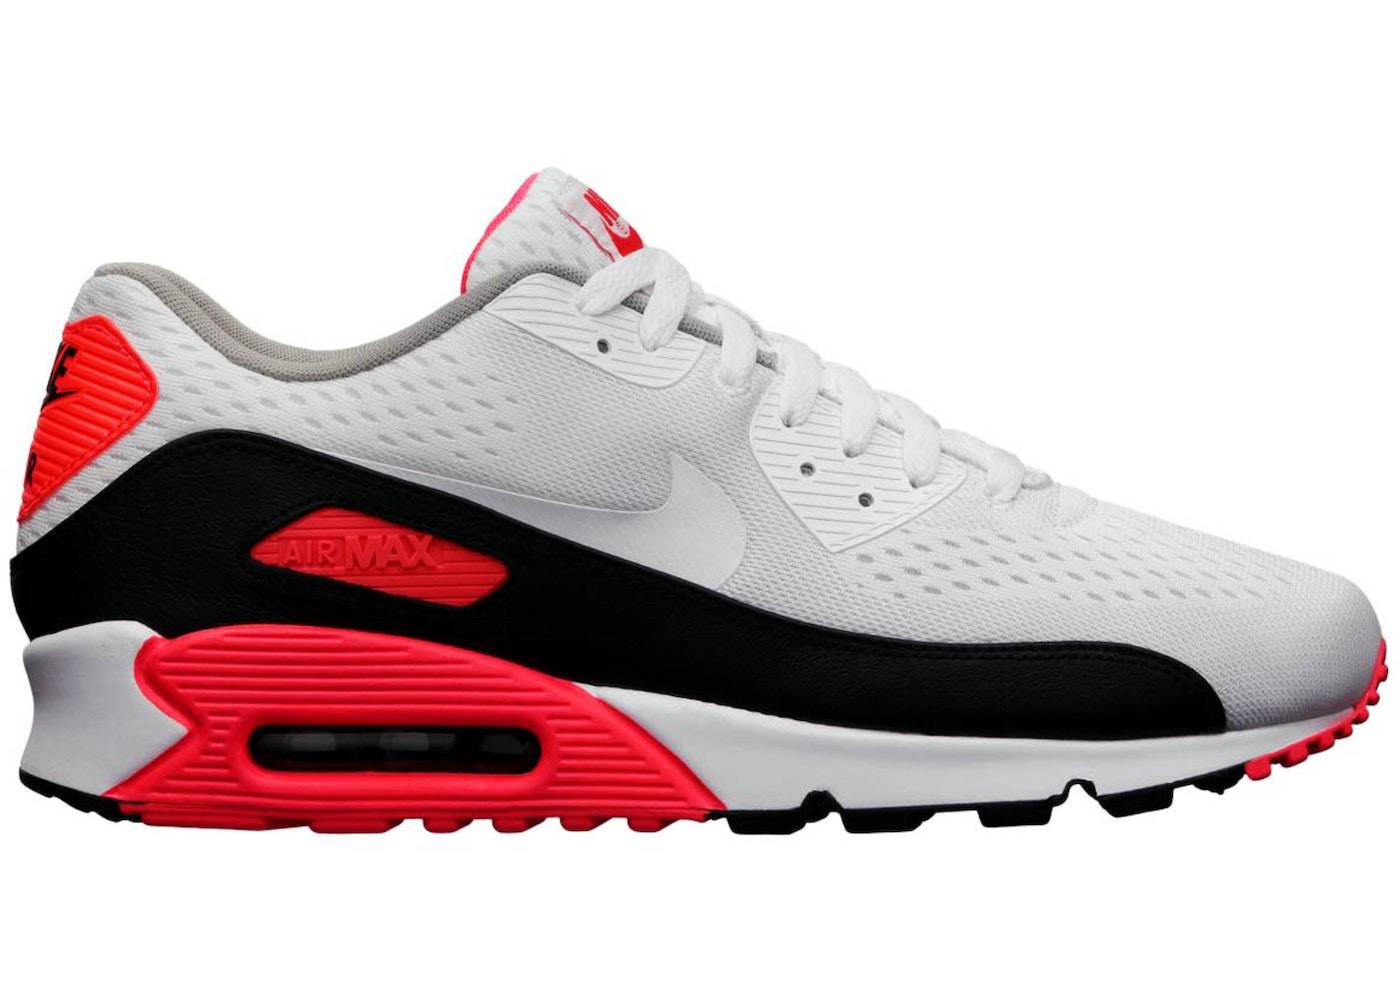 Nike Air Max 90 EM Infrared